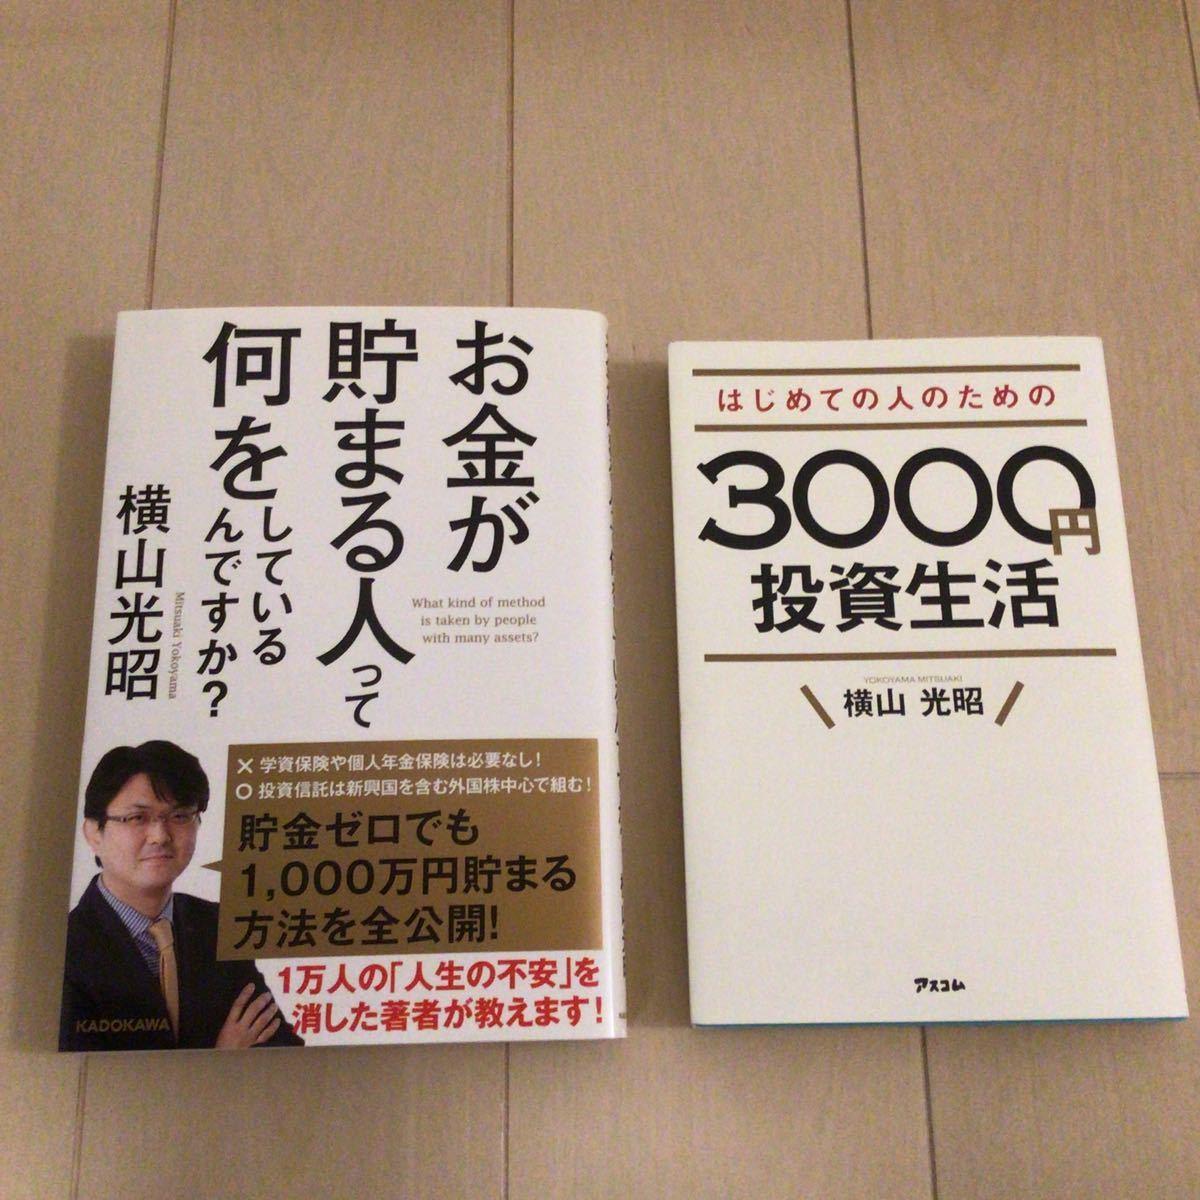 「お金が貯まる人って何をしているんですか?」、「はじめての人のための3000円投資生活」